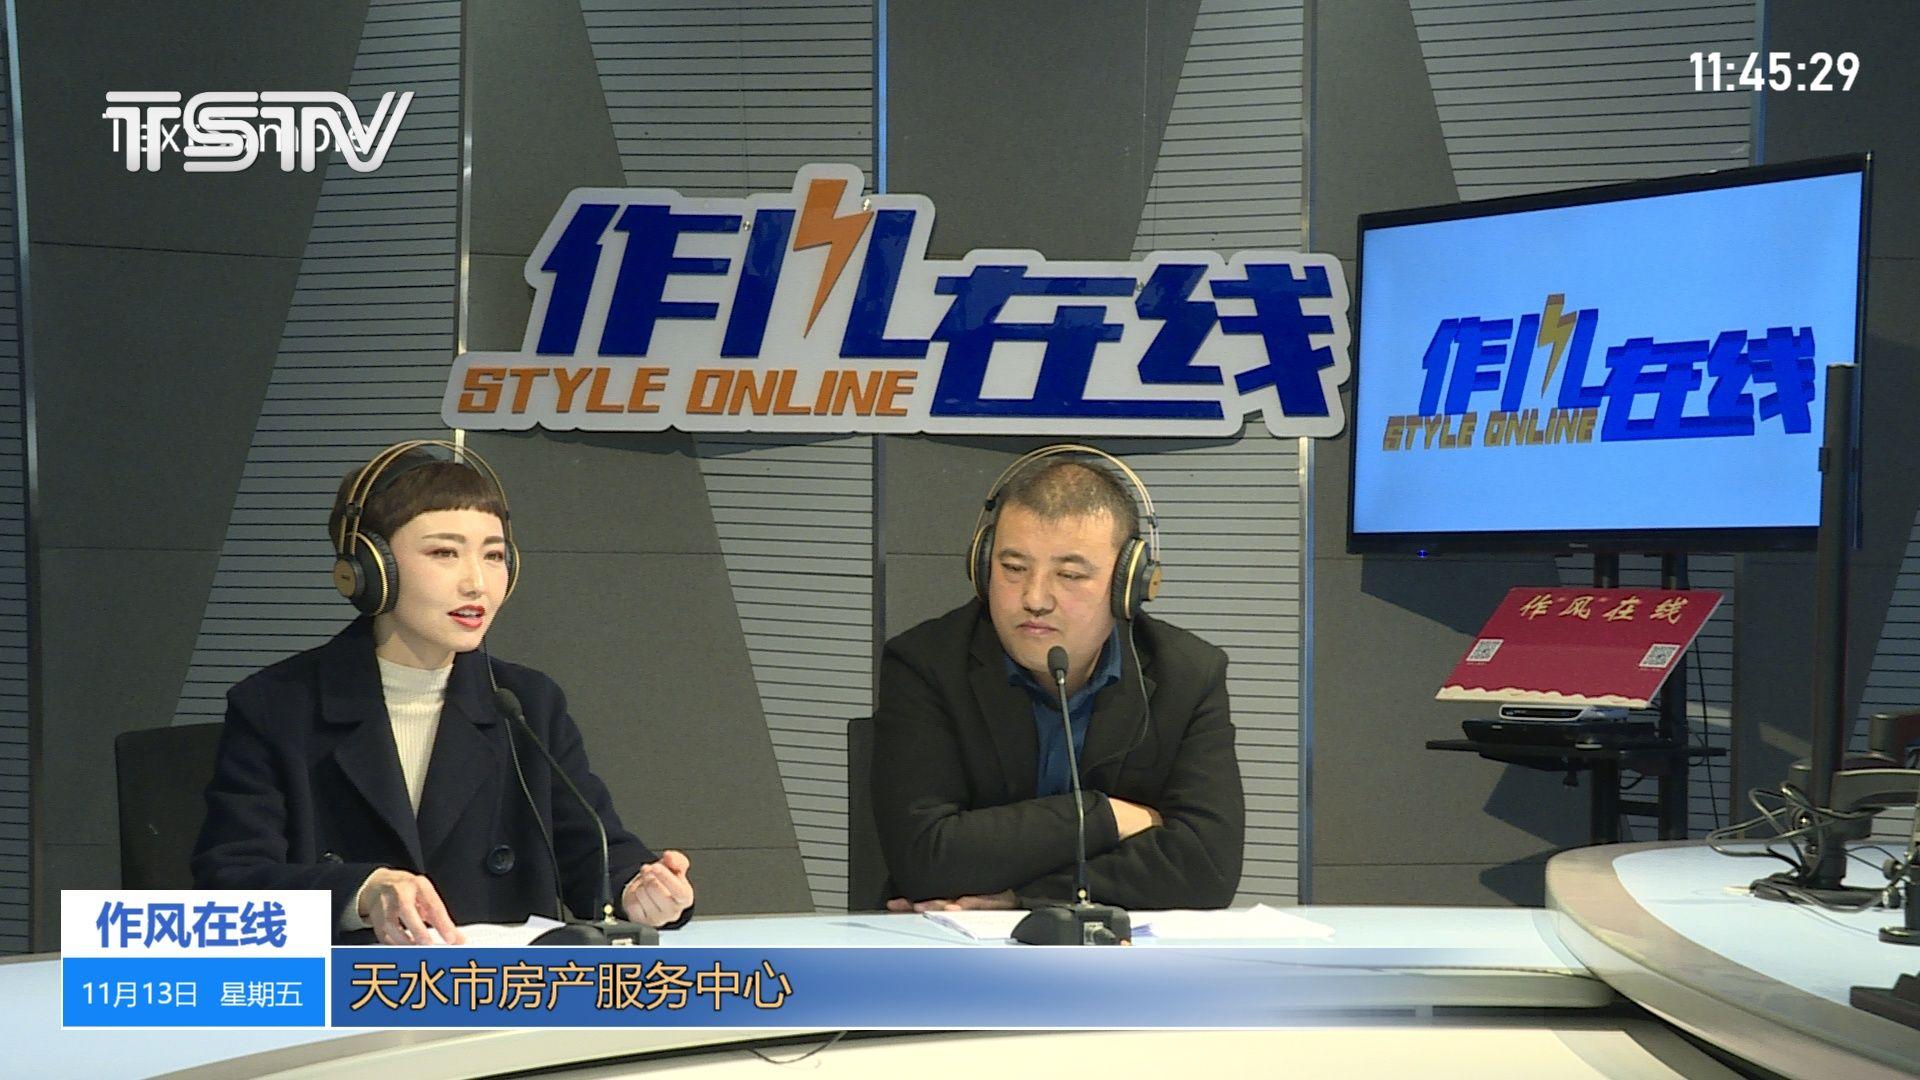 11月13日 fun88乐天堂官网体育市房产服务中心上线